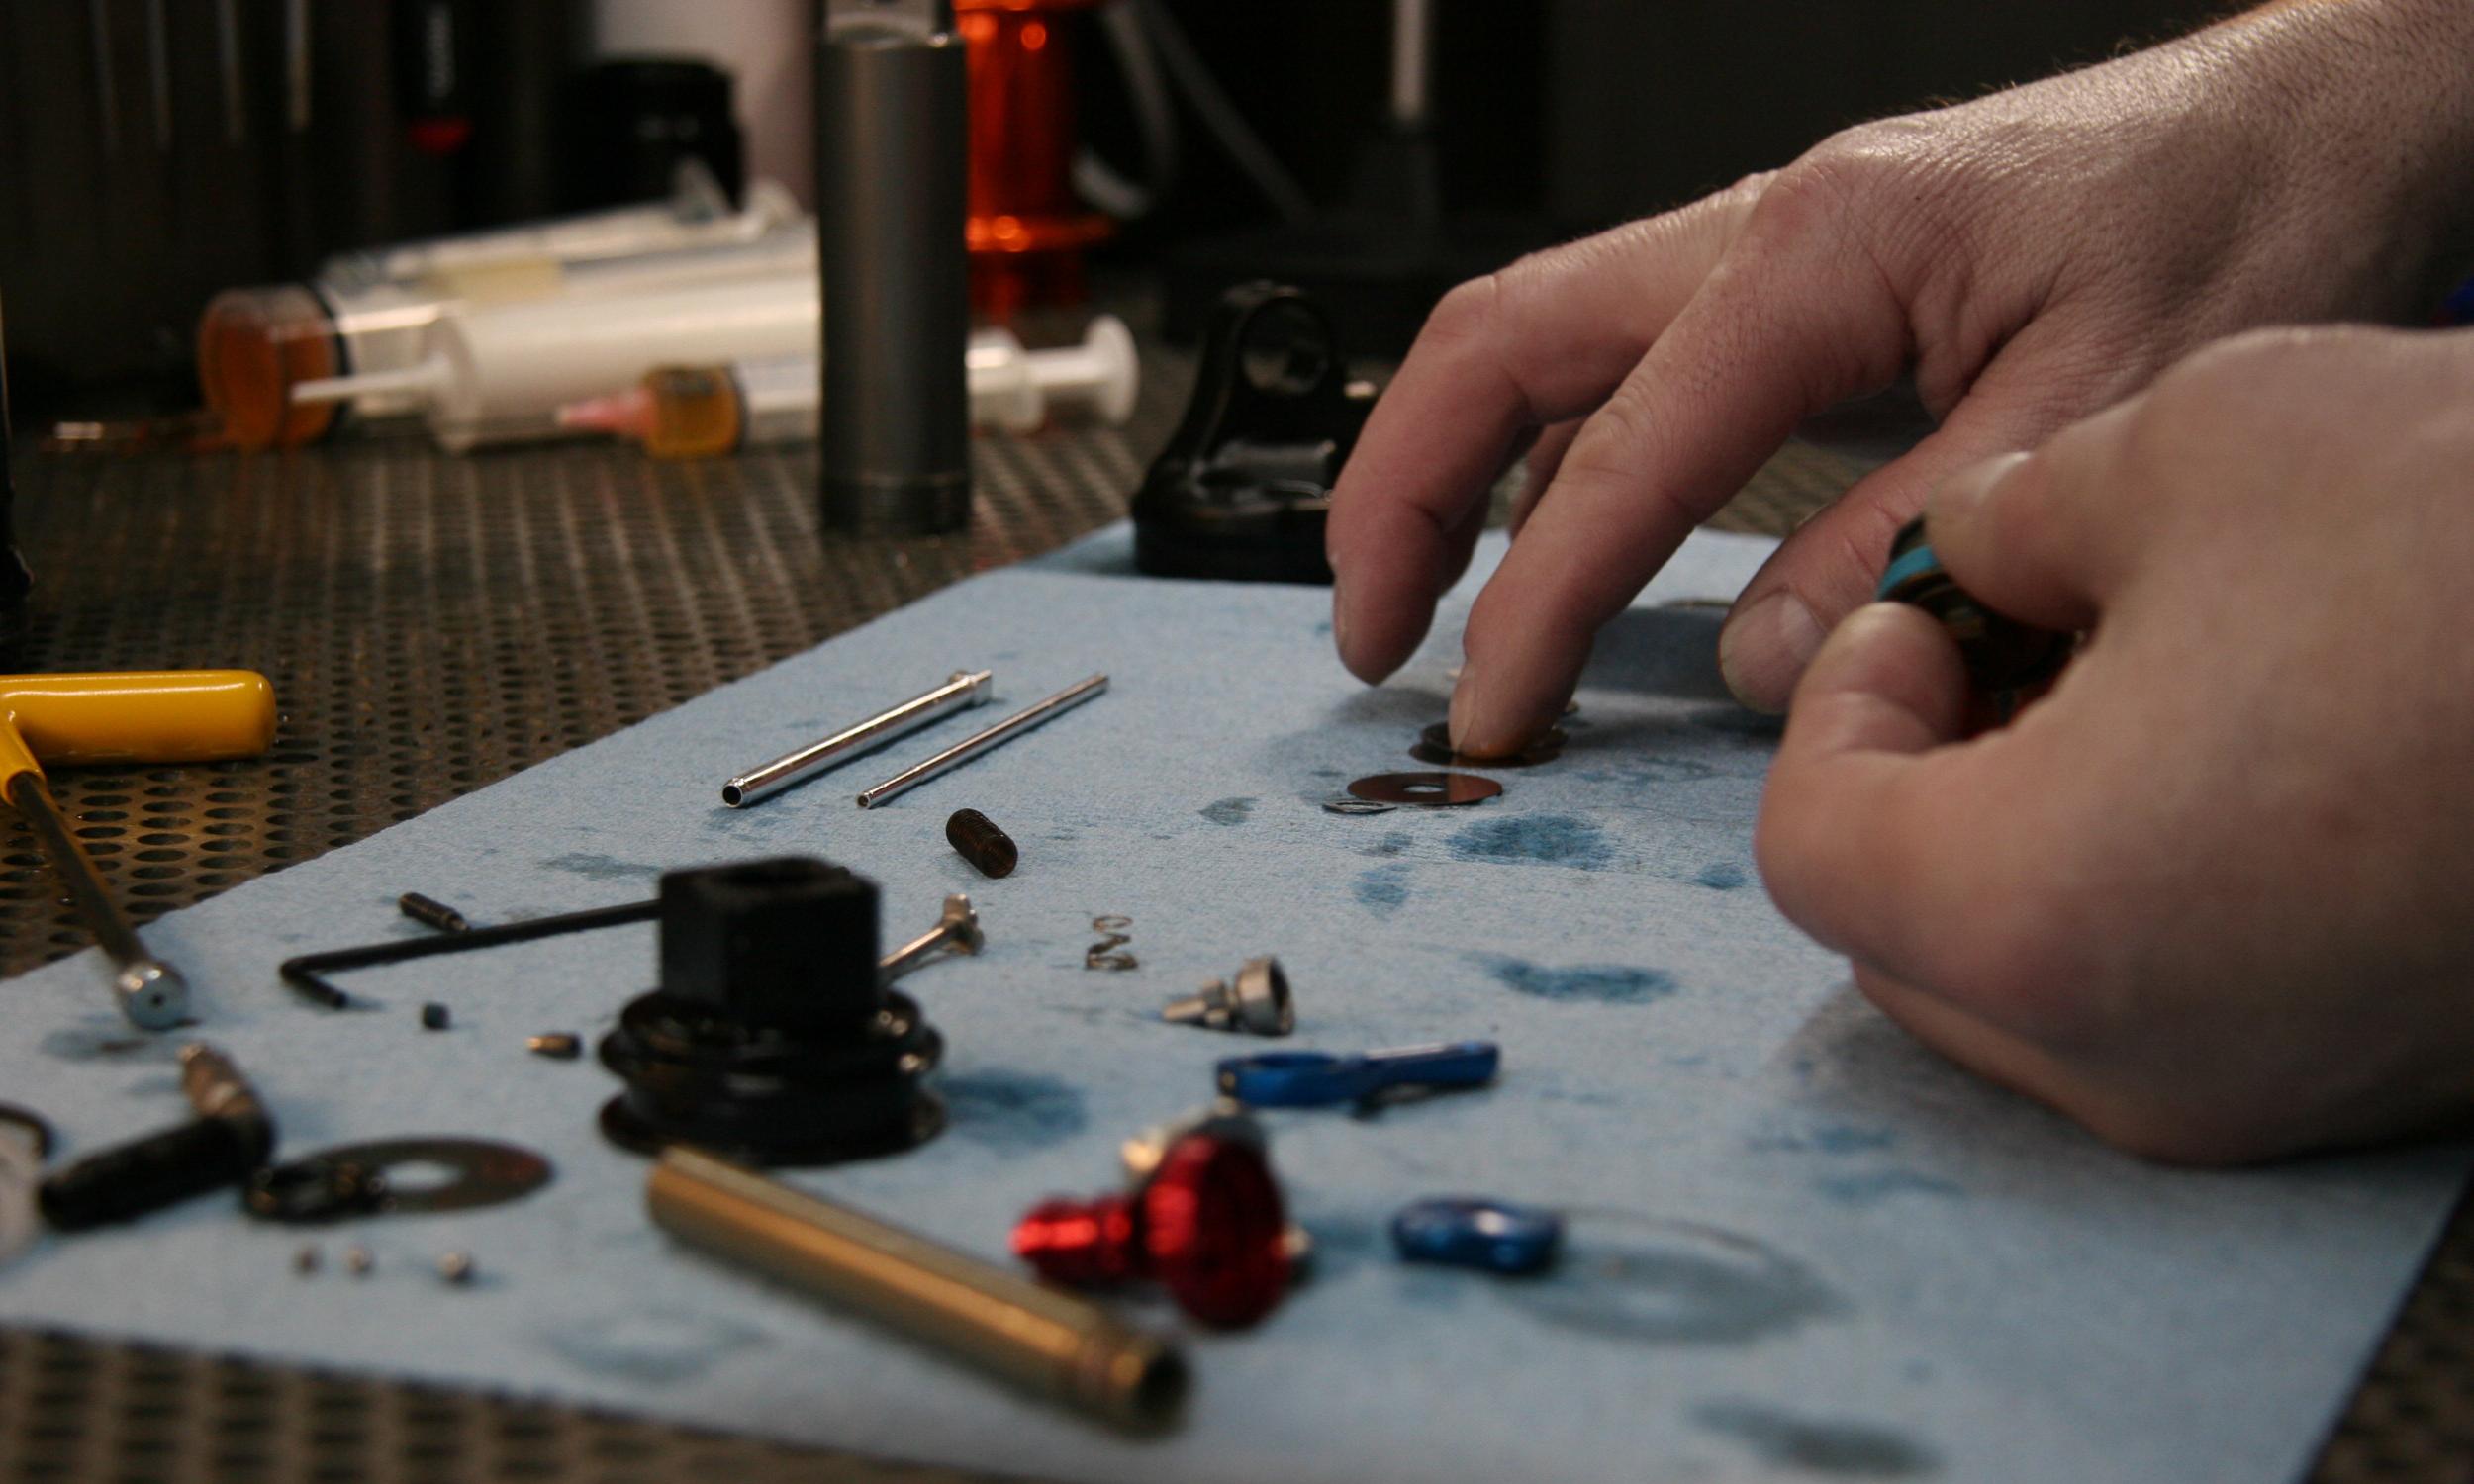 tw-working-hands.jpg